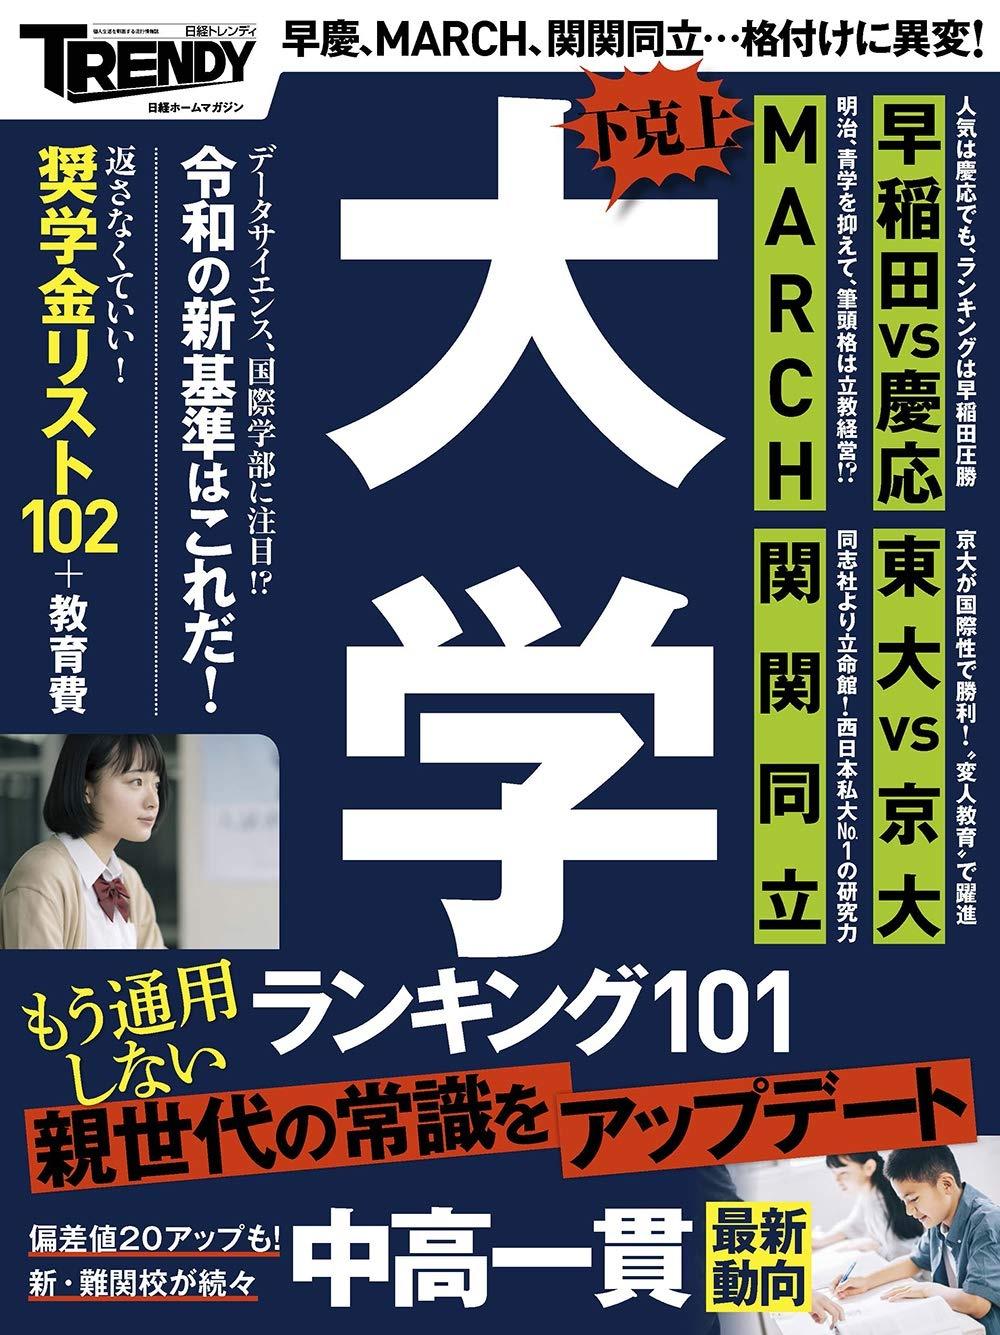 日経TRENDY下克上 大学ランキング101